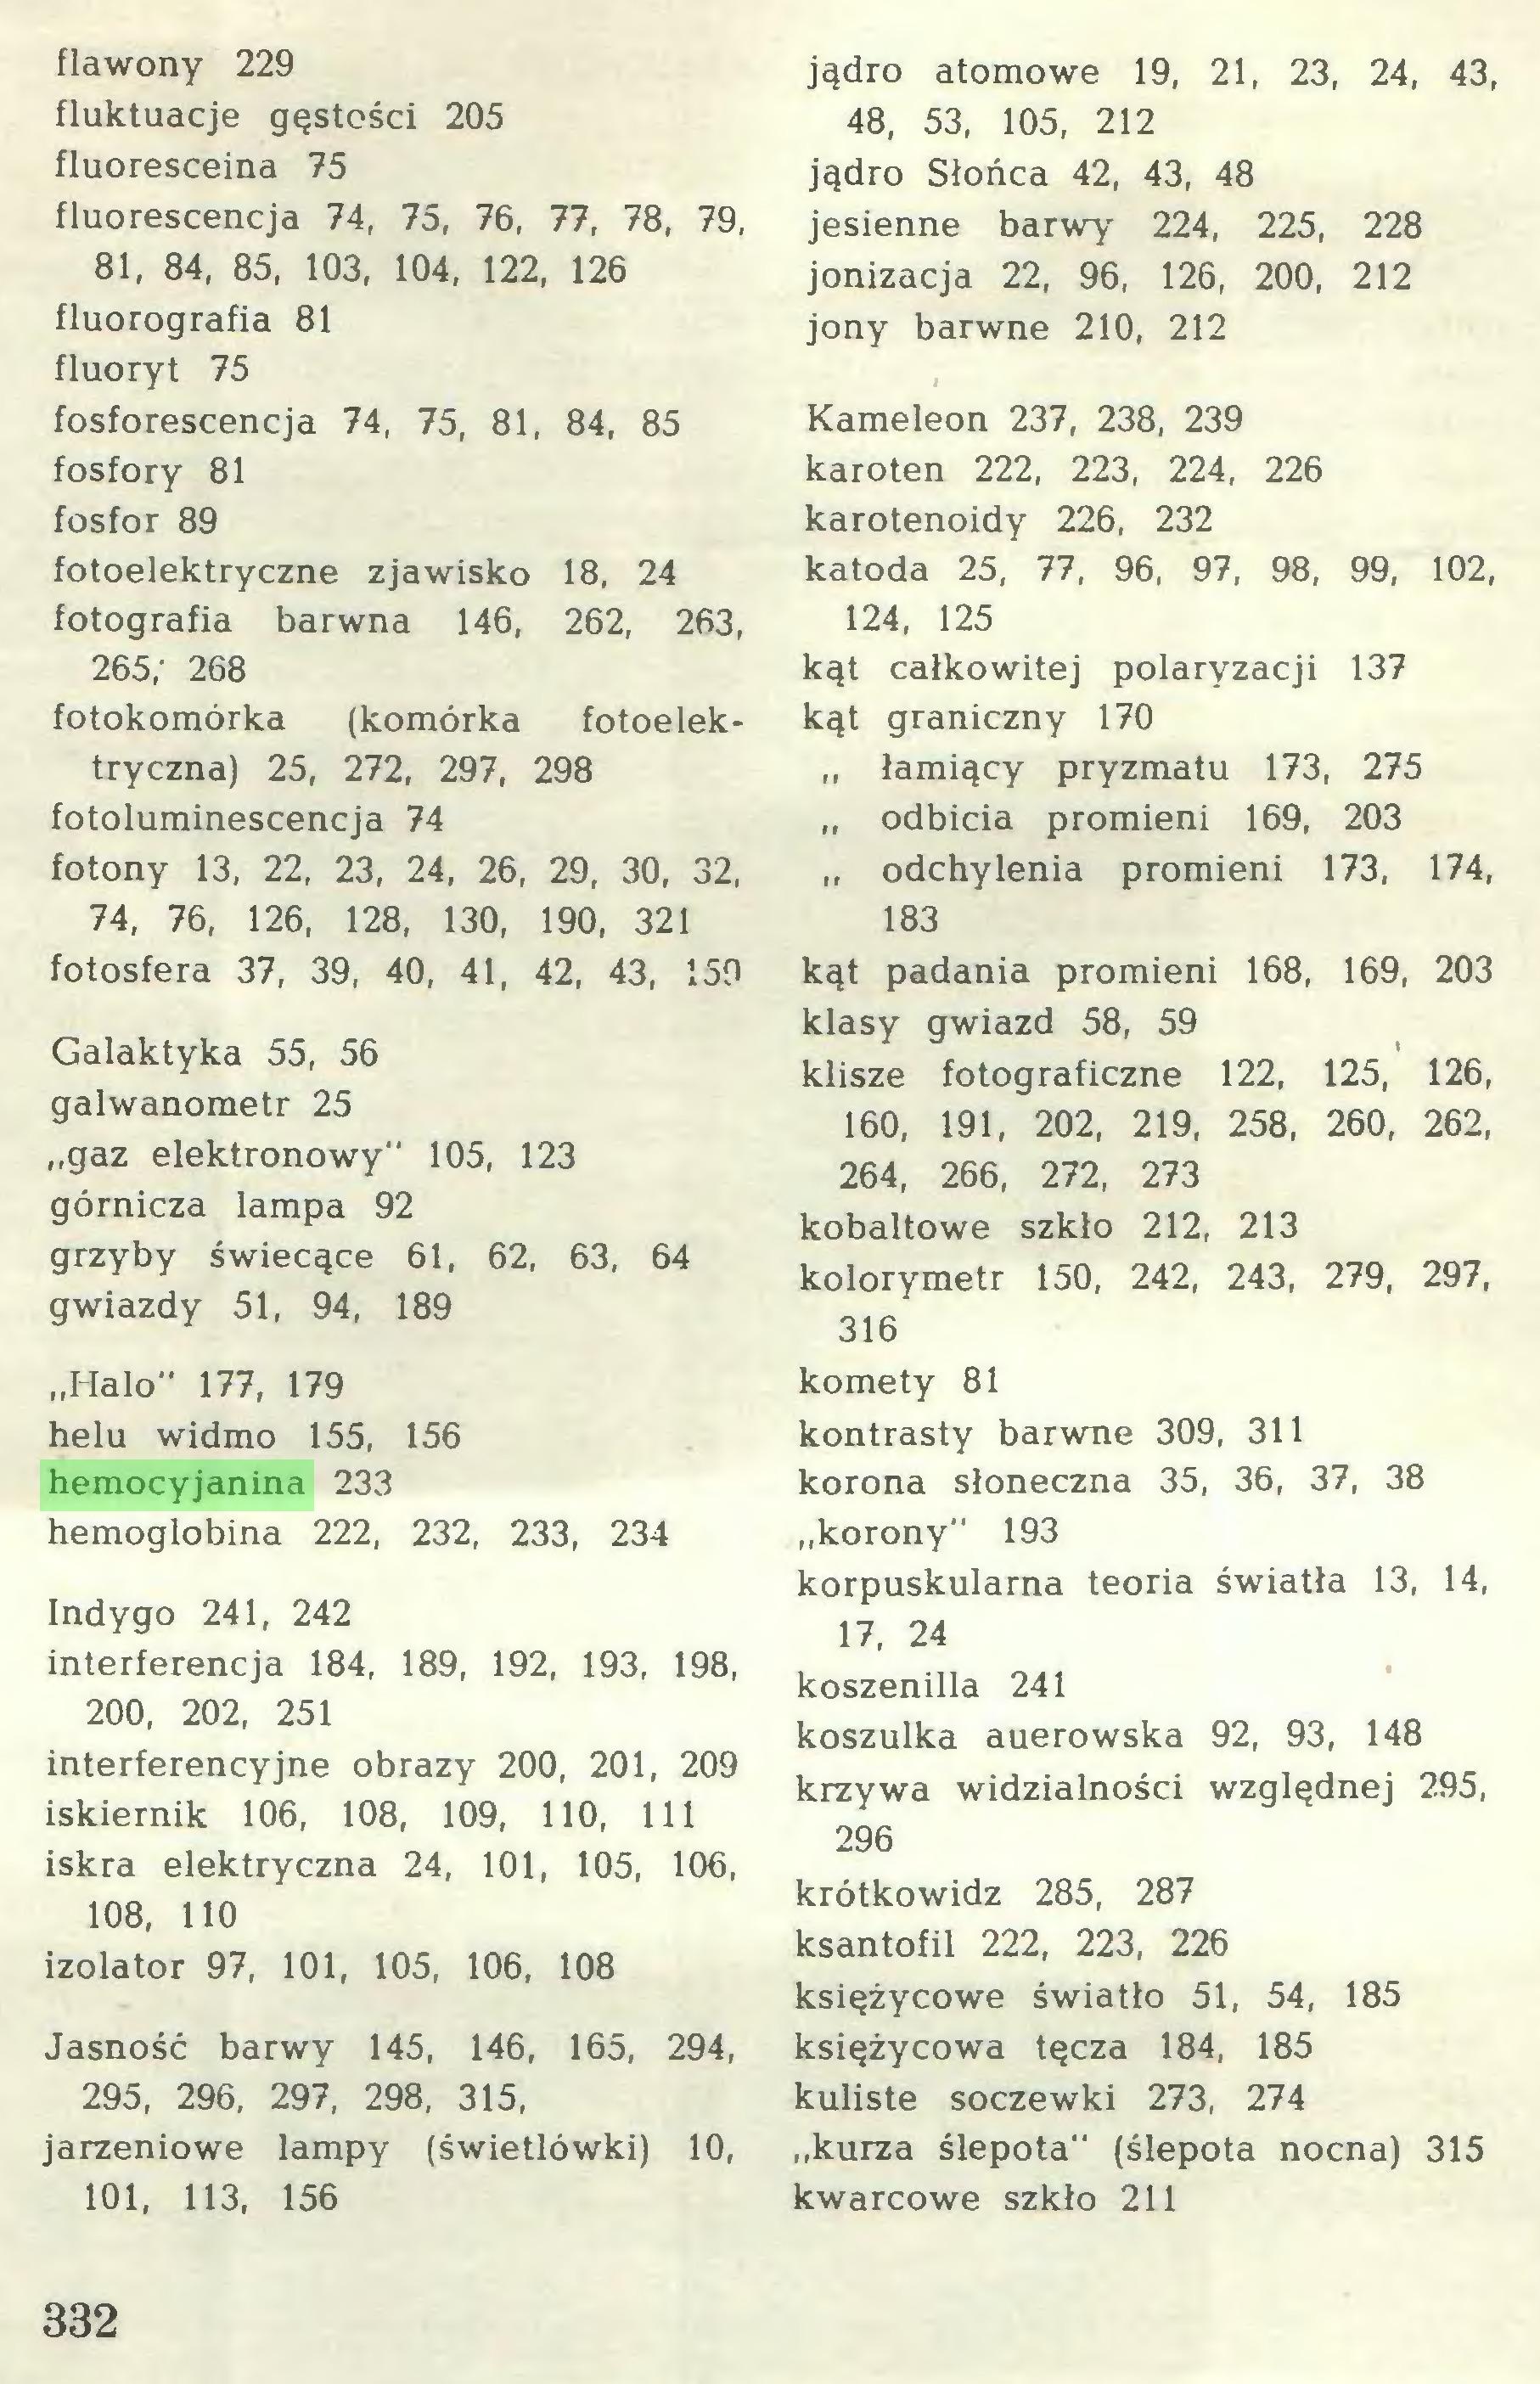 """(...) flawony 229 fluktuacje gęstości 205 fluoresceina 75 fluorescencja 74, 75, 76, 77, 78, 79, 81, 84, 85, 103, 104, 122, 126 fluorografia 81 fluoryt 75 fosforescencja 74, 75, 81, 84, 85 fosfory 81 fosfor 89 fotoelektryczne zjawisko 18, 24 fotografia barwna 146, 262, 263, 265; 268 fotokomórka (komórka fotoelektryczna) 25, 272, 297, 298 fotoluminescencja 74 fotony 13, 22, 23, 24, 26, 29, 30, 32, 74, 76, 126, 128, 130, 190, 321 fotosfera 37, 39, 40, 41, 42, 43, 159 Galaktyka 55, 56 galwanometr 25 """"gaz elektronowy"""" 105, 123 górnicza lampa 92 grzyby świecące 61, 62, 63, 64 gwiazdy 51, 94, 189 """"Halo"""" 177, 179 helu widmo 155, 156 hemocyjanina 233 hemoglobina 222, 232, 233, 234 Indygo 241, 242 interferencja 184, 189, 192, 193, 198, 200, 202, 251 interferencyjne obrazy 200, 201, 209 iskiernik 106, 108, 109, 110, 111 iskra elektryczna 24, 101, 105, 106, 108, 110 izolator 97, 101, 105, 106, 108 Jasność barwy 145, 146, 165, 294, 295, 296, 297, 298, 315, jarzeniowe lampy (świetlówki) 10, 101, 113, 156 jądro atomowe 19, 21, 23, 24, 43, 48, 53, 105, 212 jądro Słońca 42, 43, 48 jesienne barwy 224, 225, 228 jonizacja 22, 96, 126, 200, 212 jony barwne 210, 212 Kameleon 237, 238, 239 karoten 222, 223, 224, 226 karotenoidy 226, 232 katoda 25, 77, 96, 97, 98, 99, 102, 124, 125 kąt całkowitej polaryzacji 137 kąt graniczny 170 """" łamiący pryzmatu 173, 275 """" odbicia promieni 169, 203 """" odchylenia promieni 173, 174, 183 kąt padania promieni 168, 169, 203 klasy gwiazd 58, 59 klisze fotograficzne 122, 125, 126, 160, 191, 202, 219, 258, 260, 262, 264, 266, 272, 273 kobaltowe szkło 212, 213 kolorymetr 150, 242, 243, 279, 297, 316 komety 81 kontrasty barwne 309, 311 korona słoneczna 35, 36, 37, 38 """"korony"""" 193 korpuskularna teoria światła 13, 14, 17, 24 koszenilla 241 koszulka auerowska 92, 93, 148 krzywa widzialności względnej 295, 296 krótkowidz 285, 287 ksantofil 222, 223, 226 księżycowe światło 51, 54, 185 księżycowa tęcza 184, 185 kuliste soczewki 273, 274 """"kurza ślepota"""" (ślepota nocna) 3"""